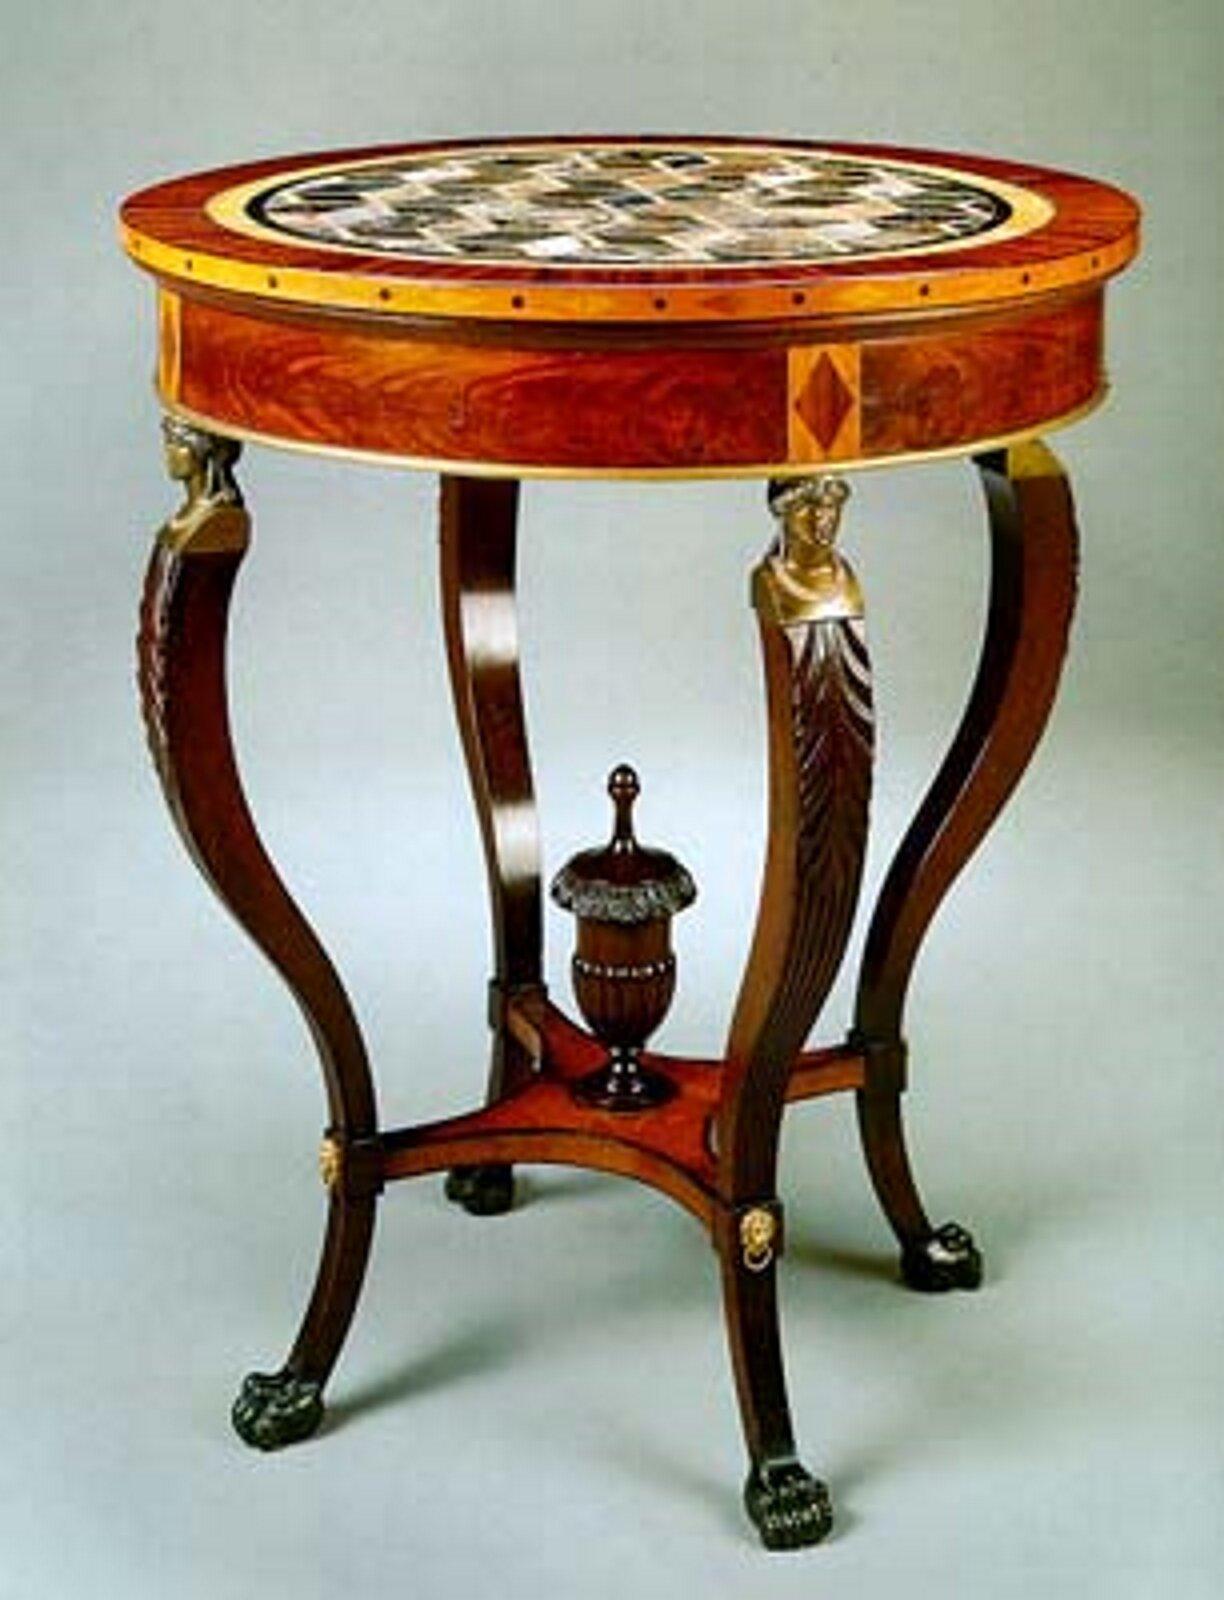 Ilustracja przedstawia stolik. Stolik jest brązowy, wykonany zdrewna, posiada wygięte nóżki oraz okrągły blat. Pod blatem wmiejscu łączenia blatu znóżkami, znajdują się pozłacane pólpiersia.